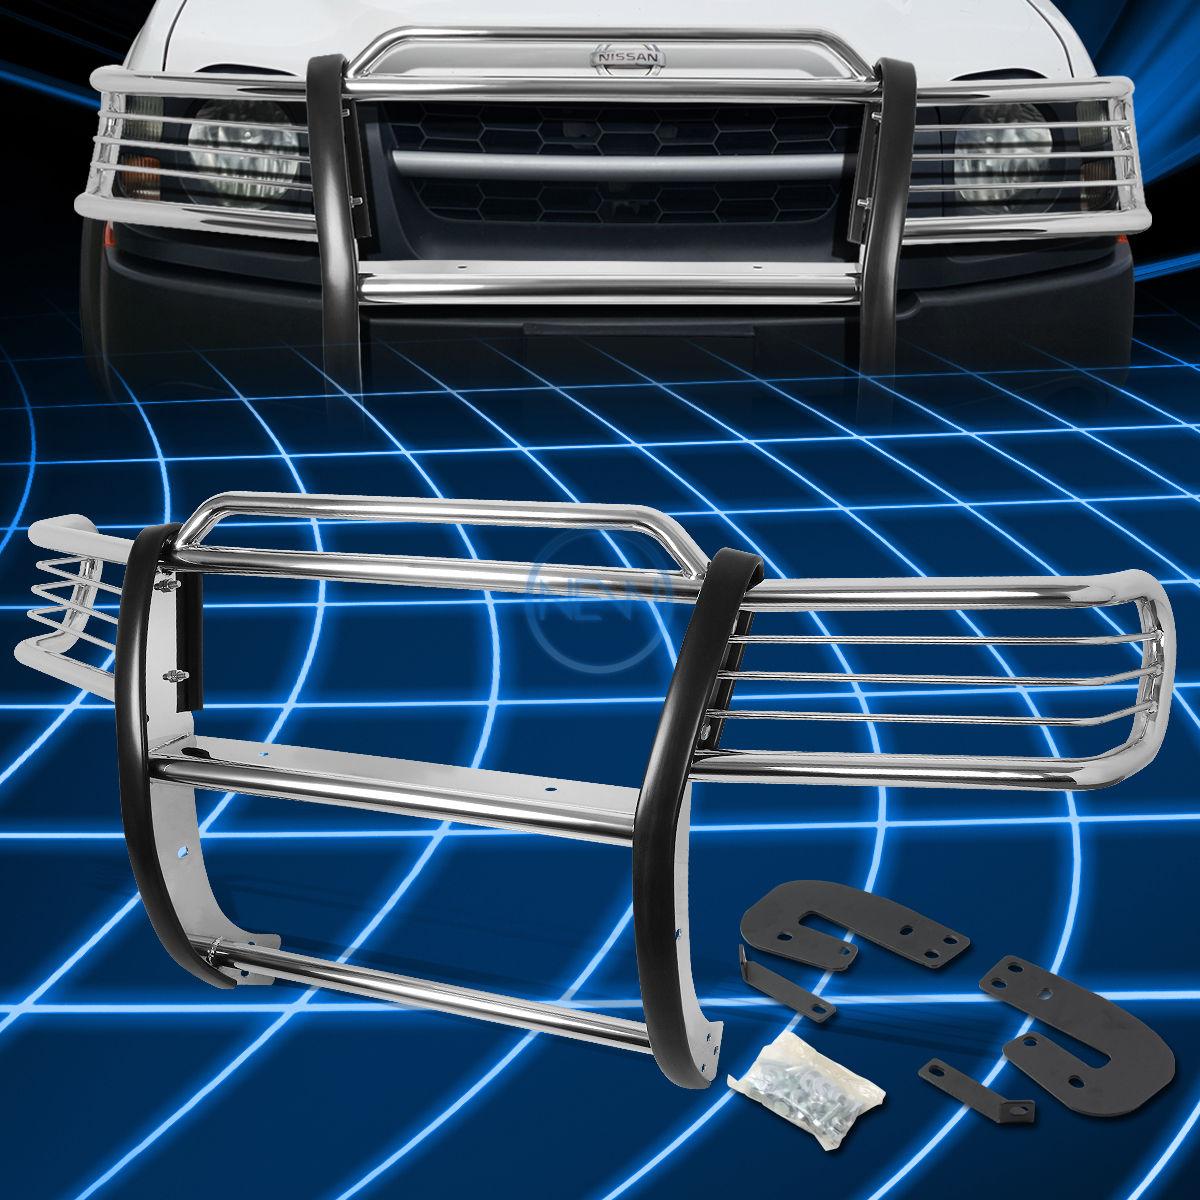 グリル クロームブラシバンパープロテクターグリルガード(2002 - 2004年)日産Xterra WD22 SUV Chrome Brush Bumper Protector Grille Guard for 2002-2004 Nissan Xterra WD22 SUV